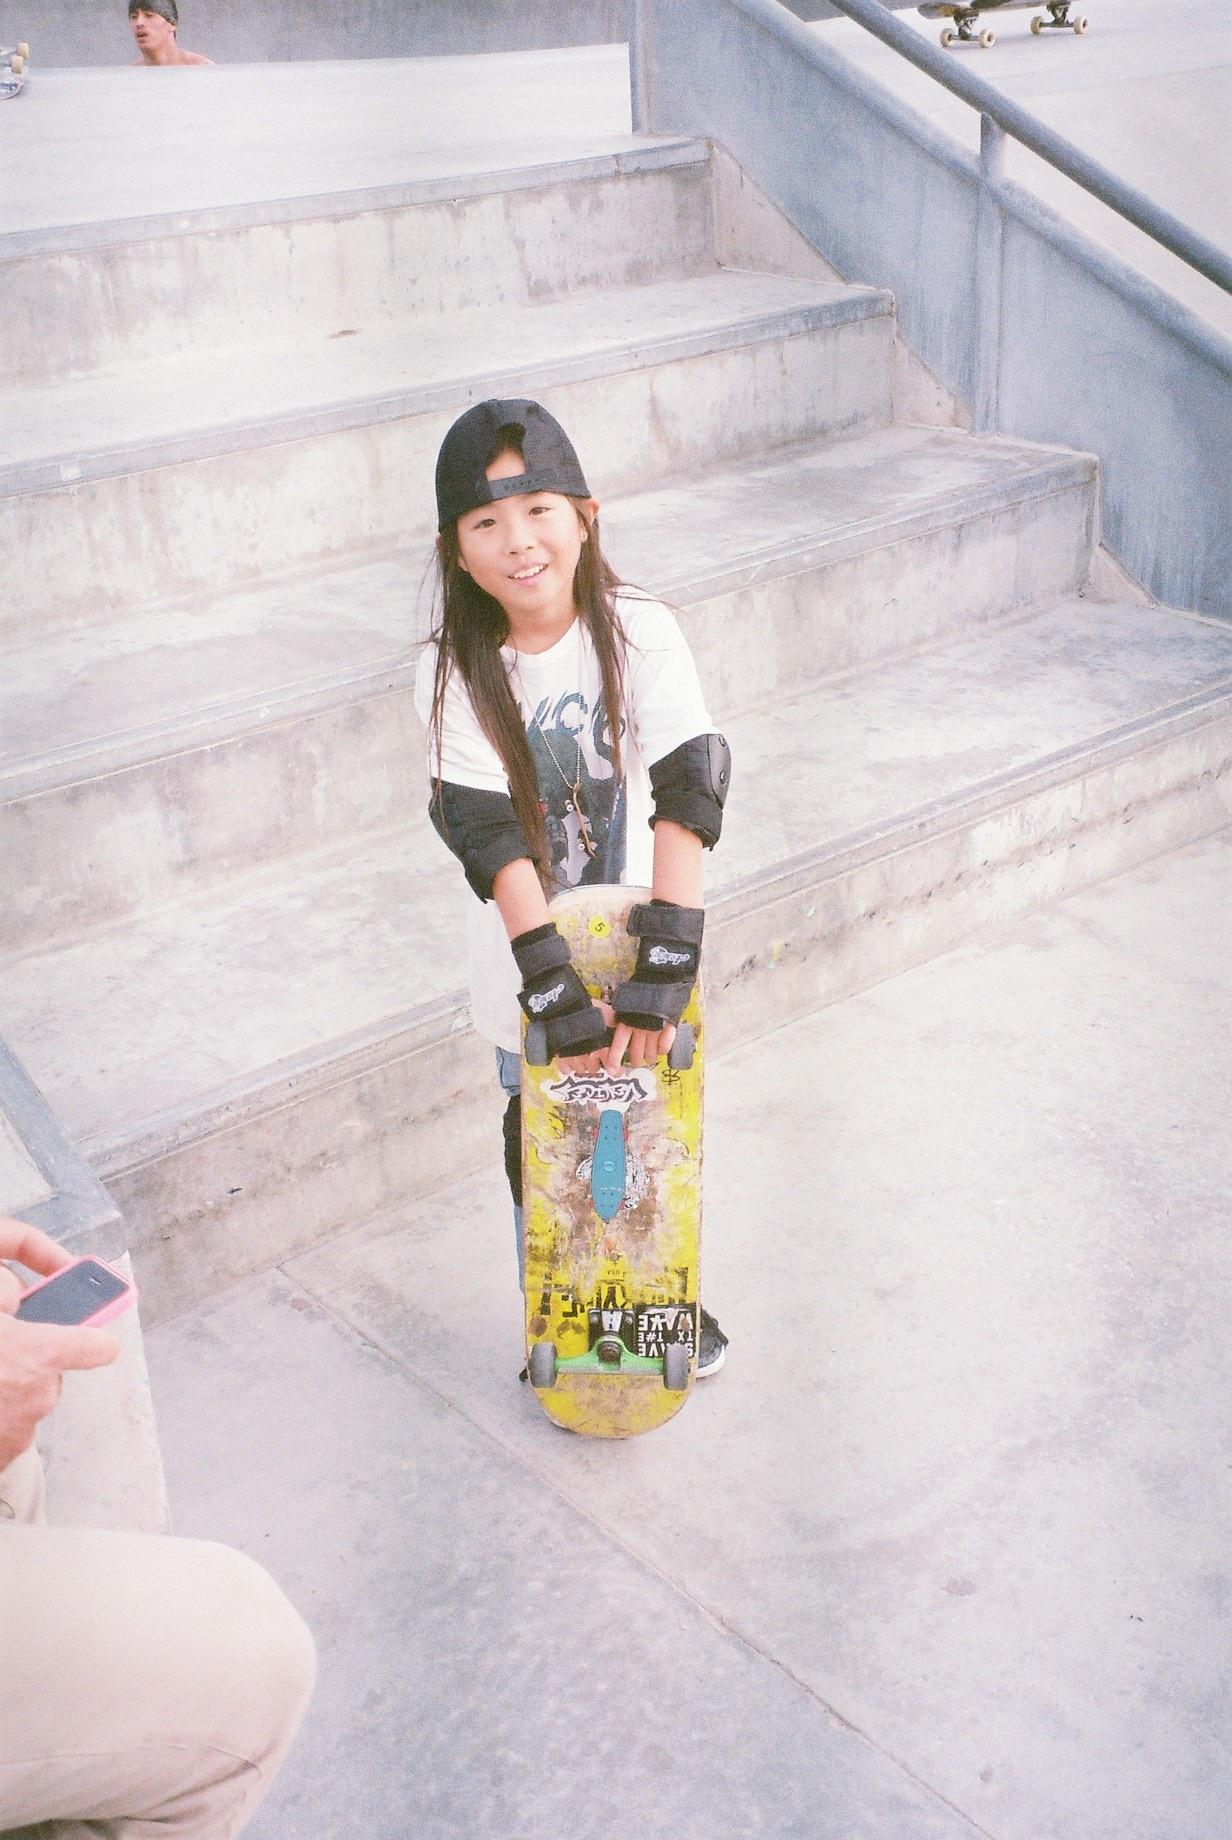 LA - Skater girl